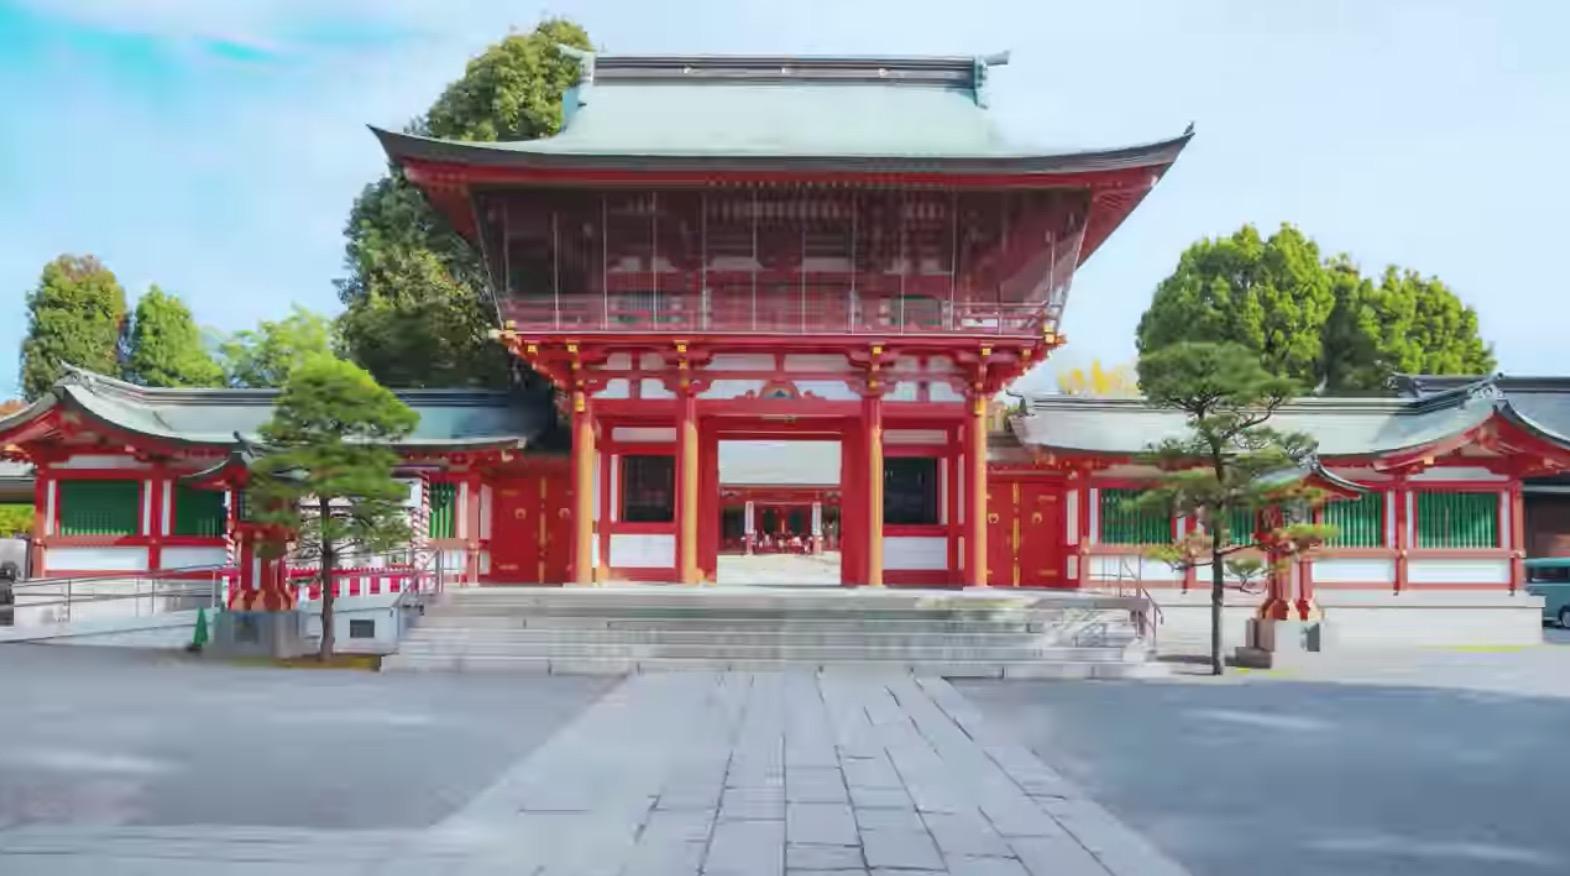 藤崎八旛宮に行ってきたよ。。熊本市の総鎮守として信仰を集める神社に行ってみなっせ〜